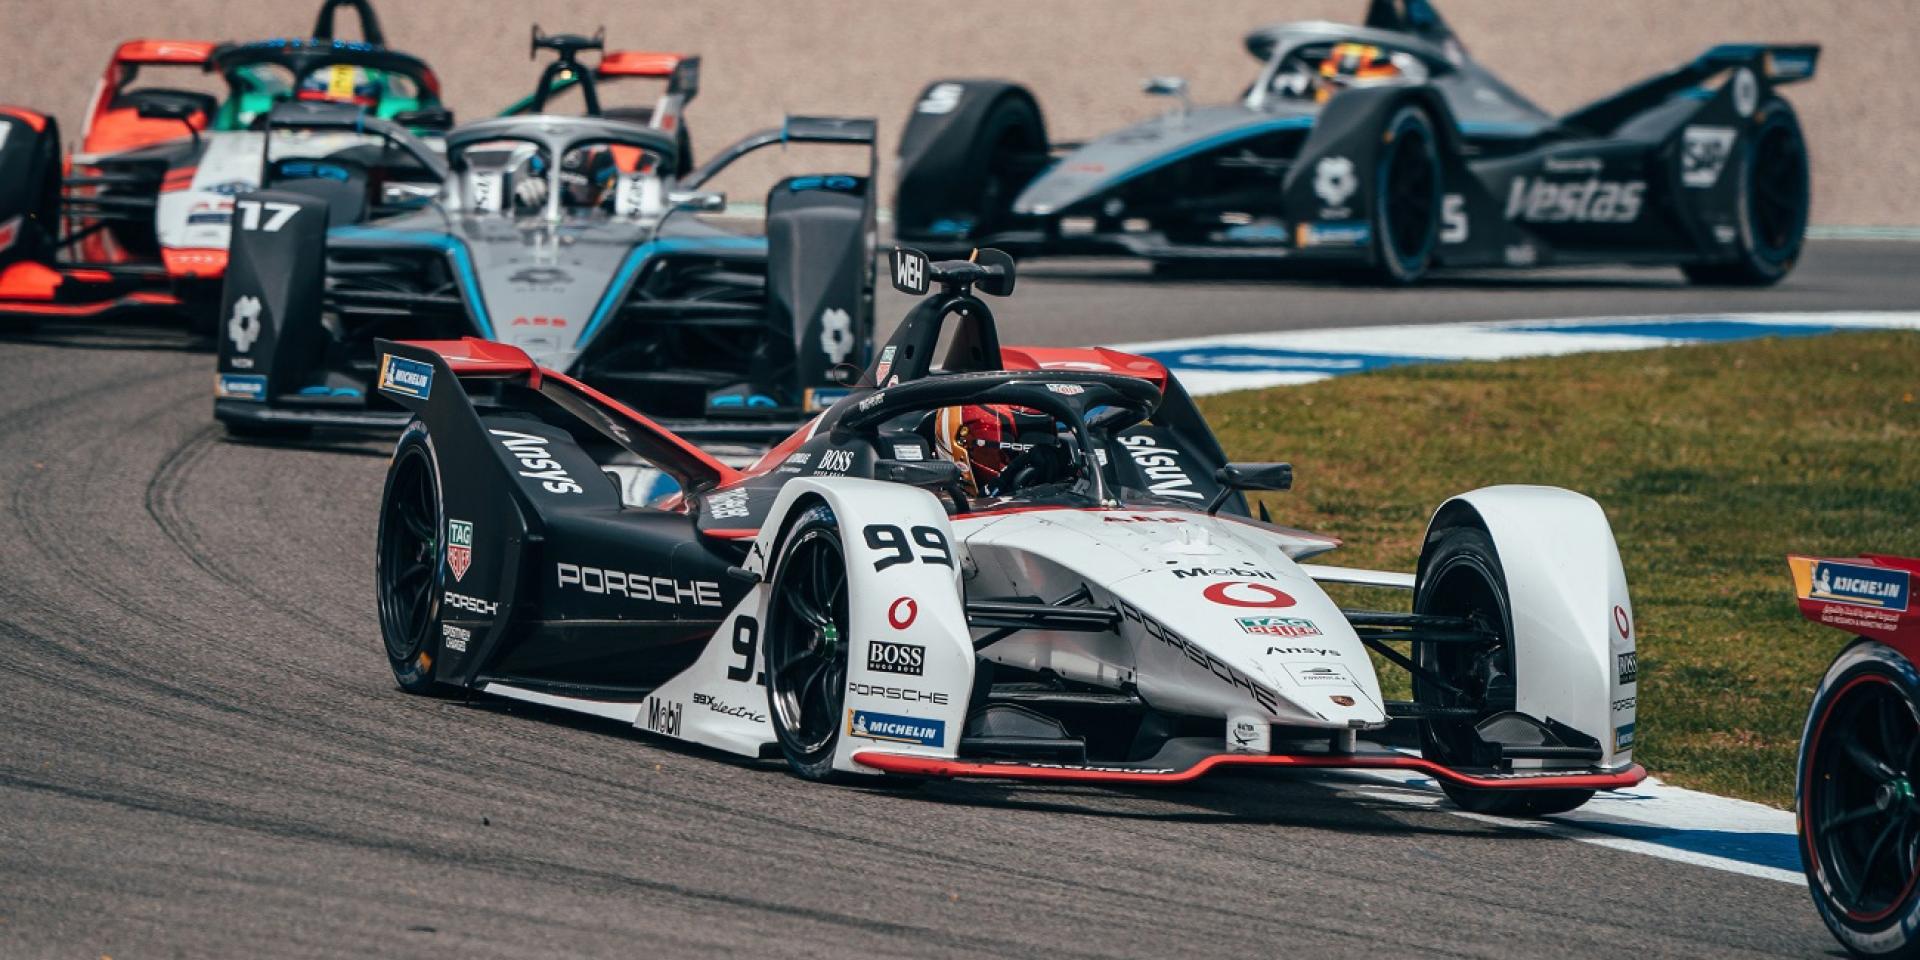 官方新聞稿。TAG Heuer Porsche Formula E 車隊於本季電動方程式錦標賽刷新紀錄